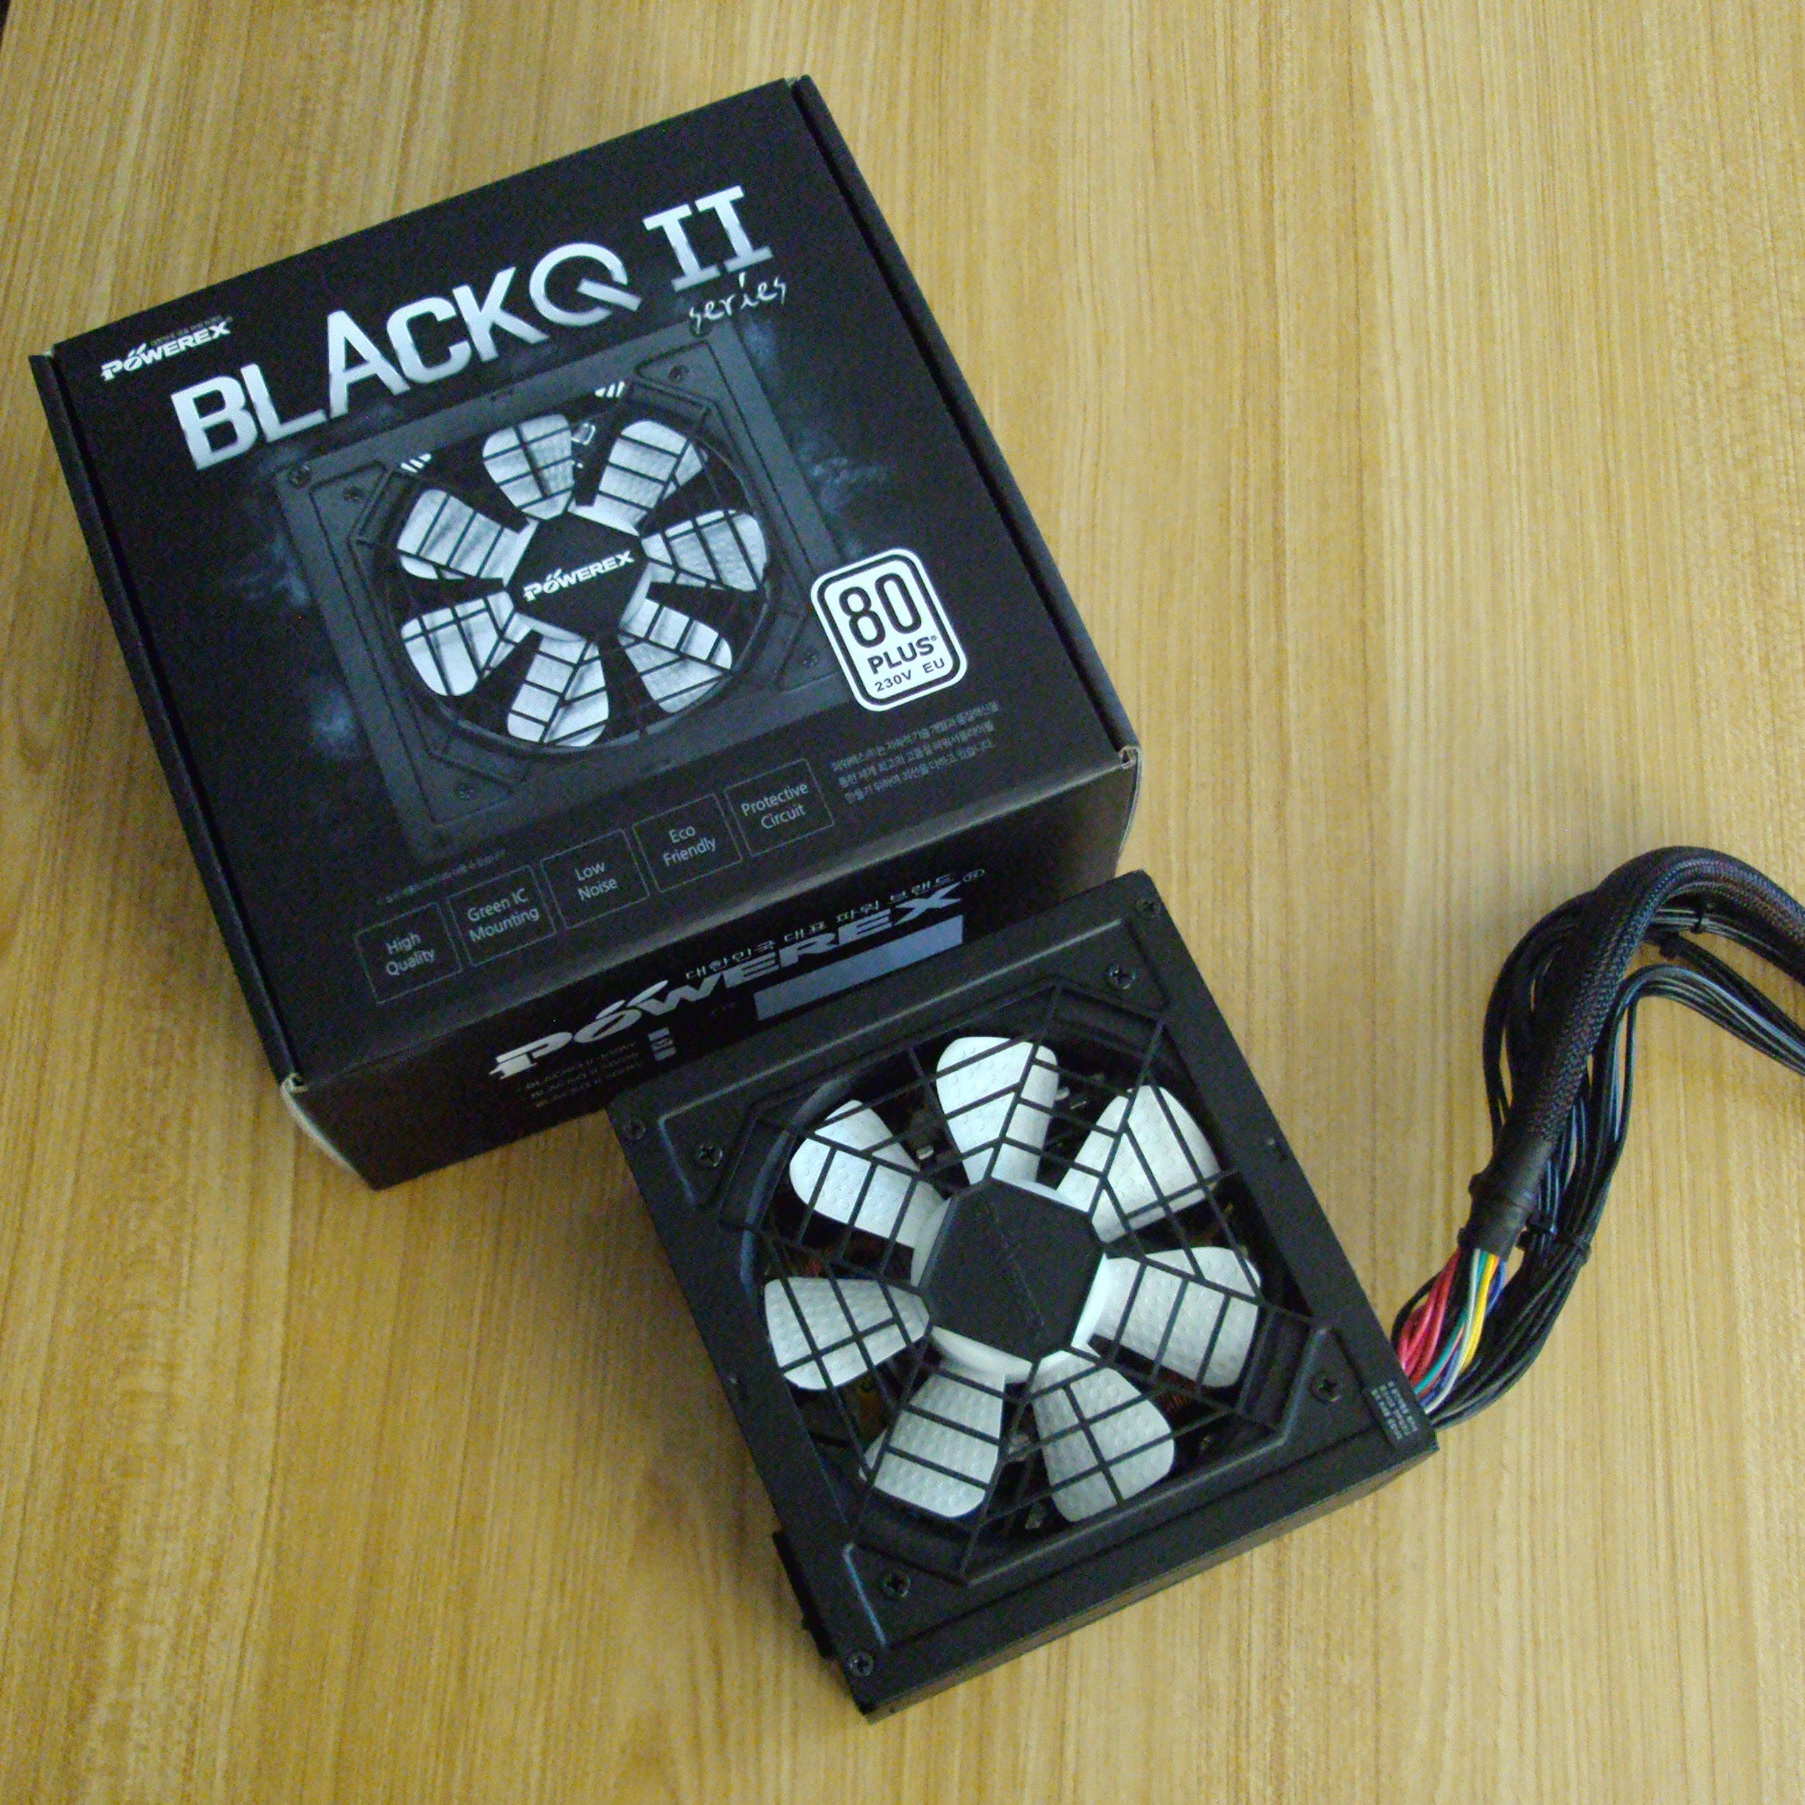 POWEREX BLACKQ II 500W 80PLUS